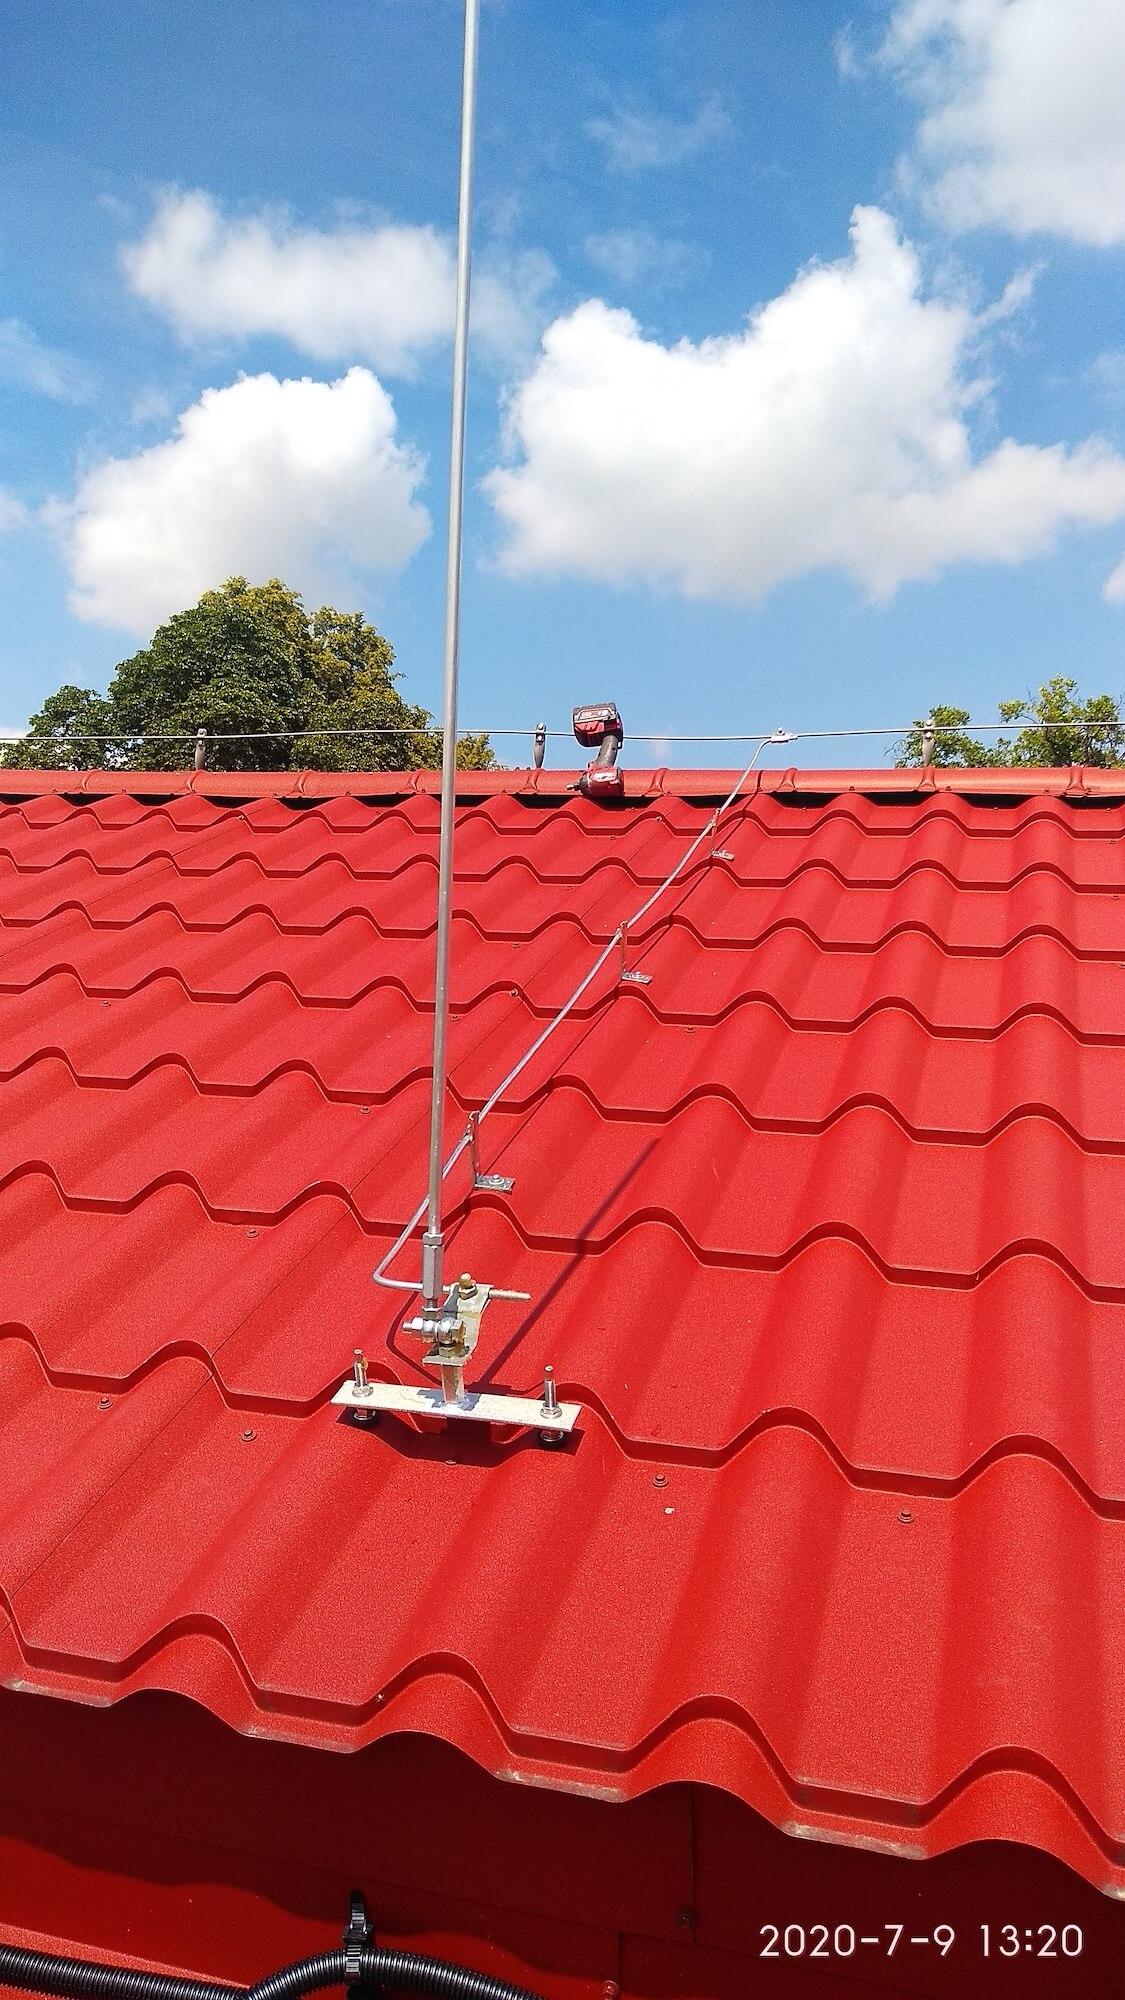 Iglica odgromowa z regulacją do pionowania względem nachylenia dachu przykręcana do konstrukcji połaci krytej blachodachówką. Drut FeZn prowadzony na uchwytach kątowych przykręcanych i uchwytach gąsiorowych.